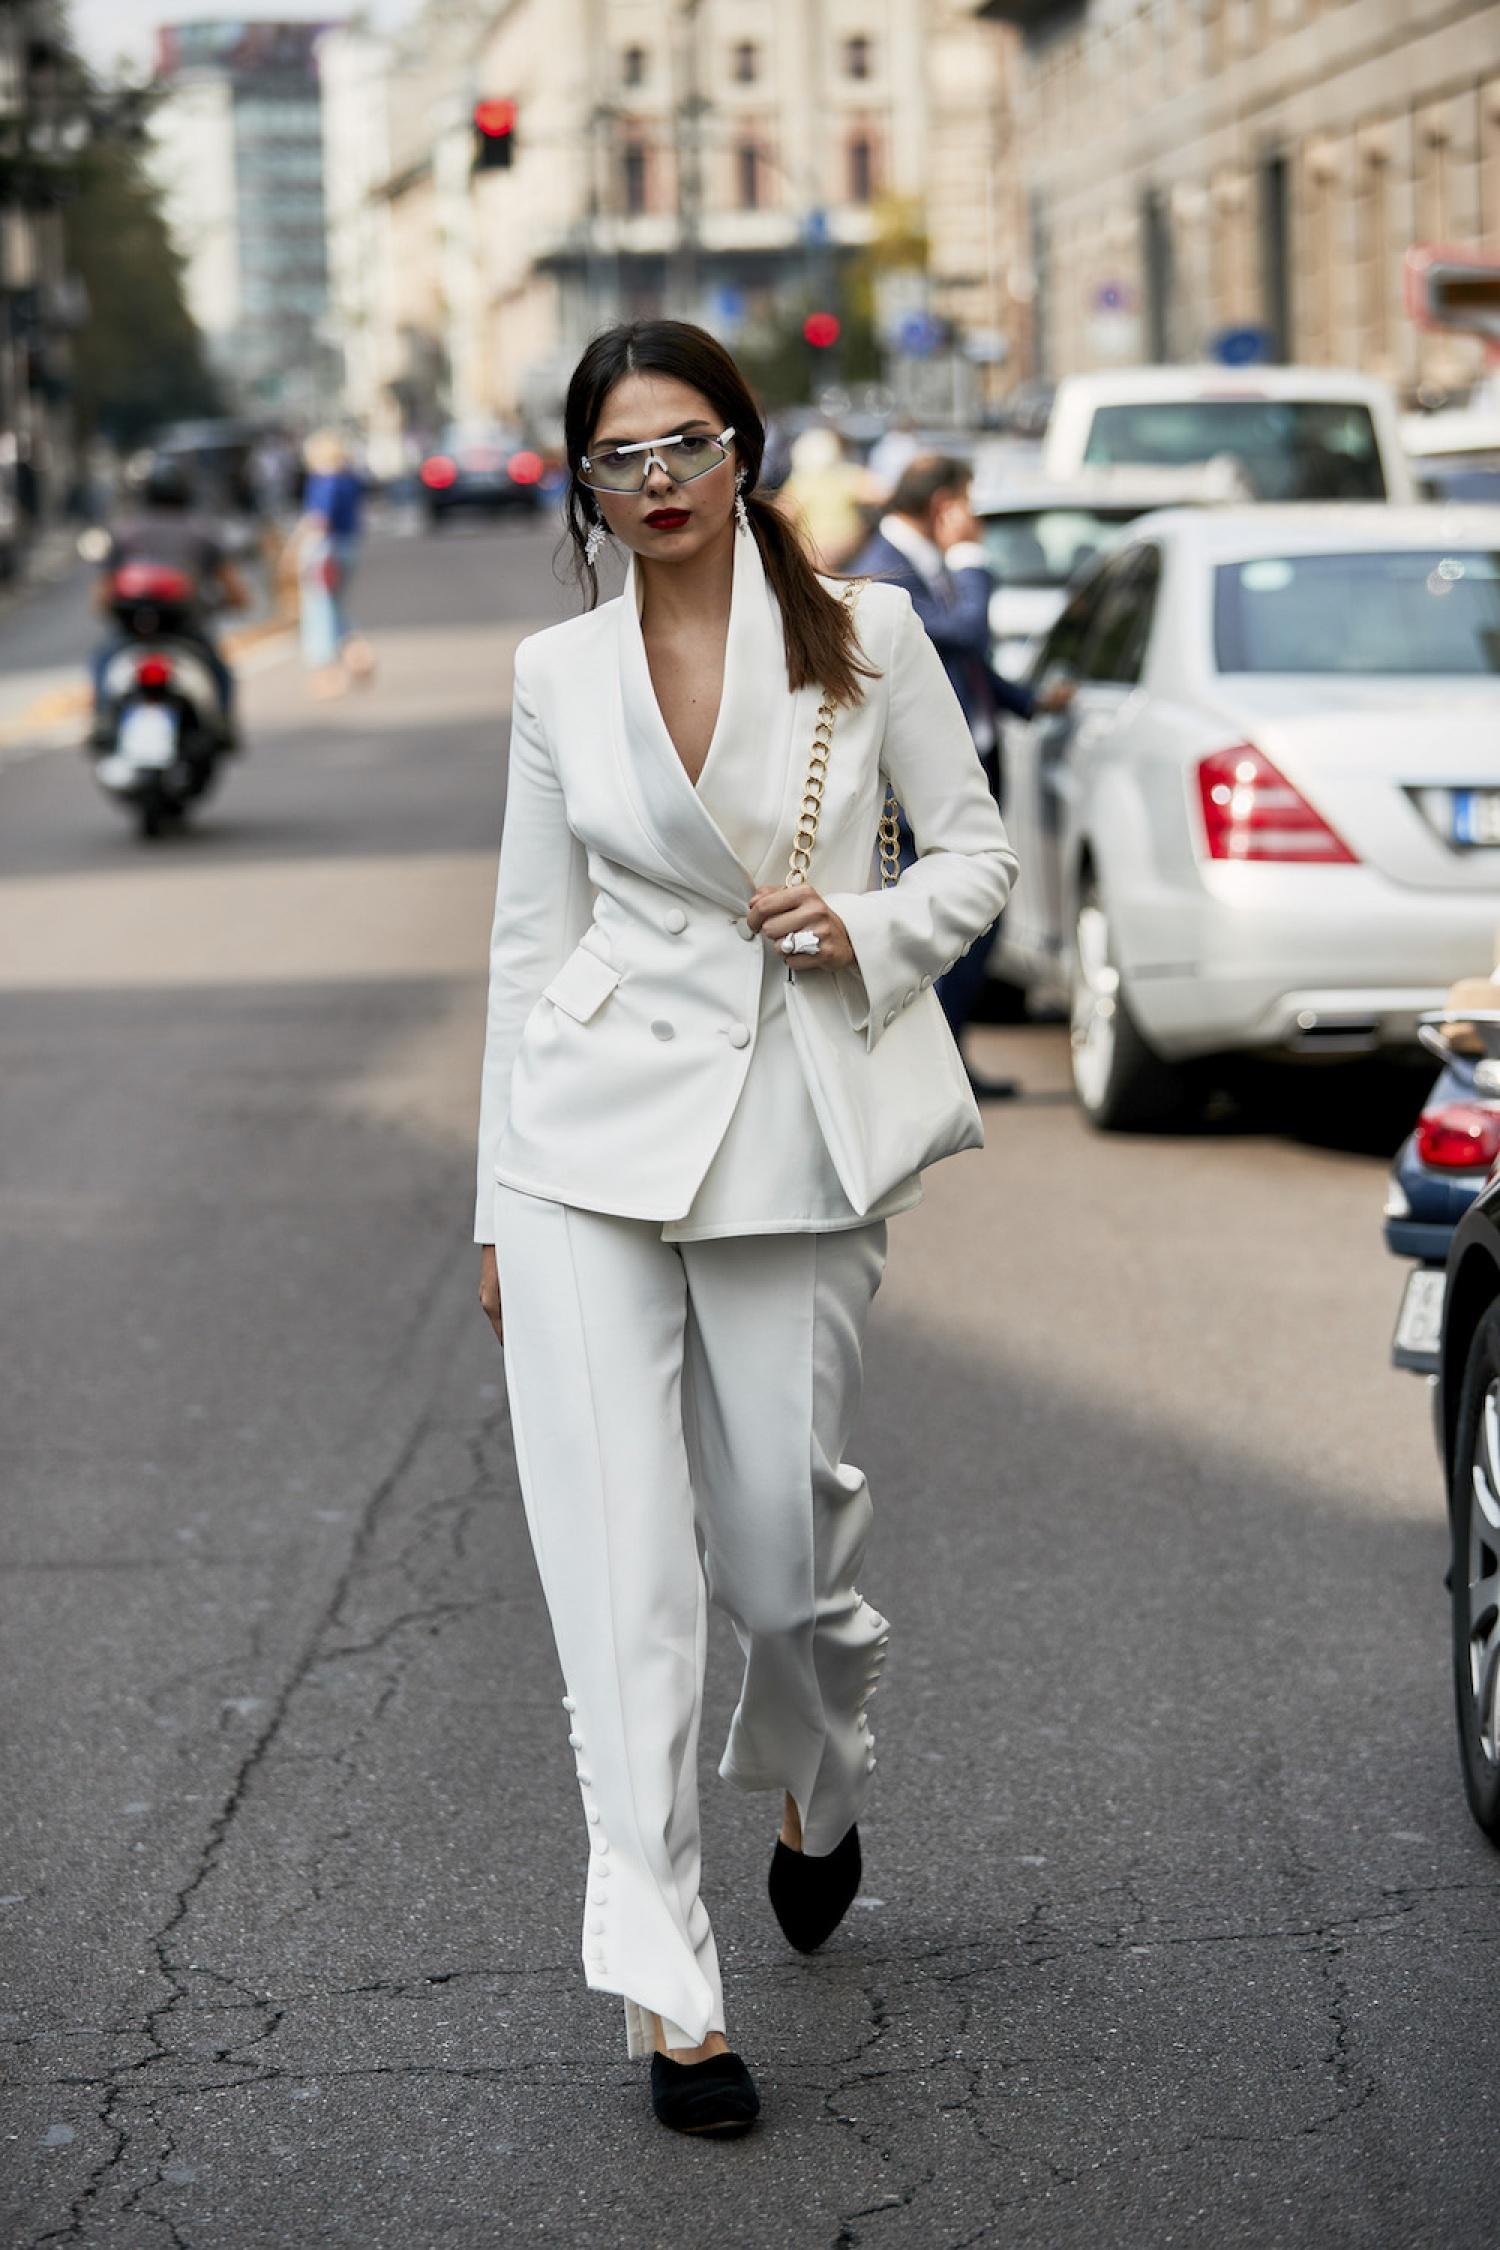 Cách phối đồ cùng trang phục veston để trông thời thượng hơn